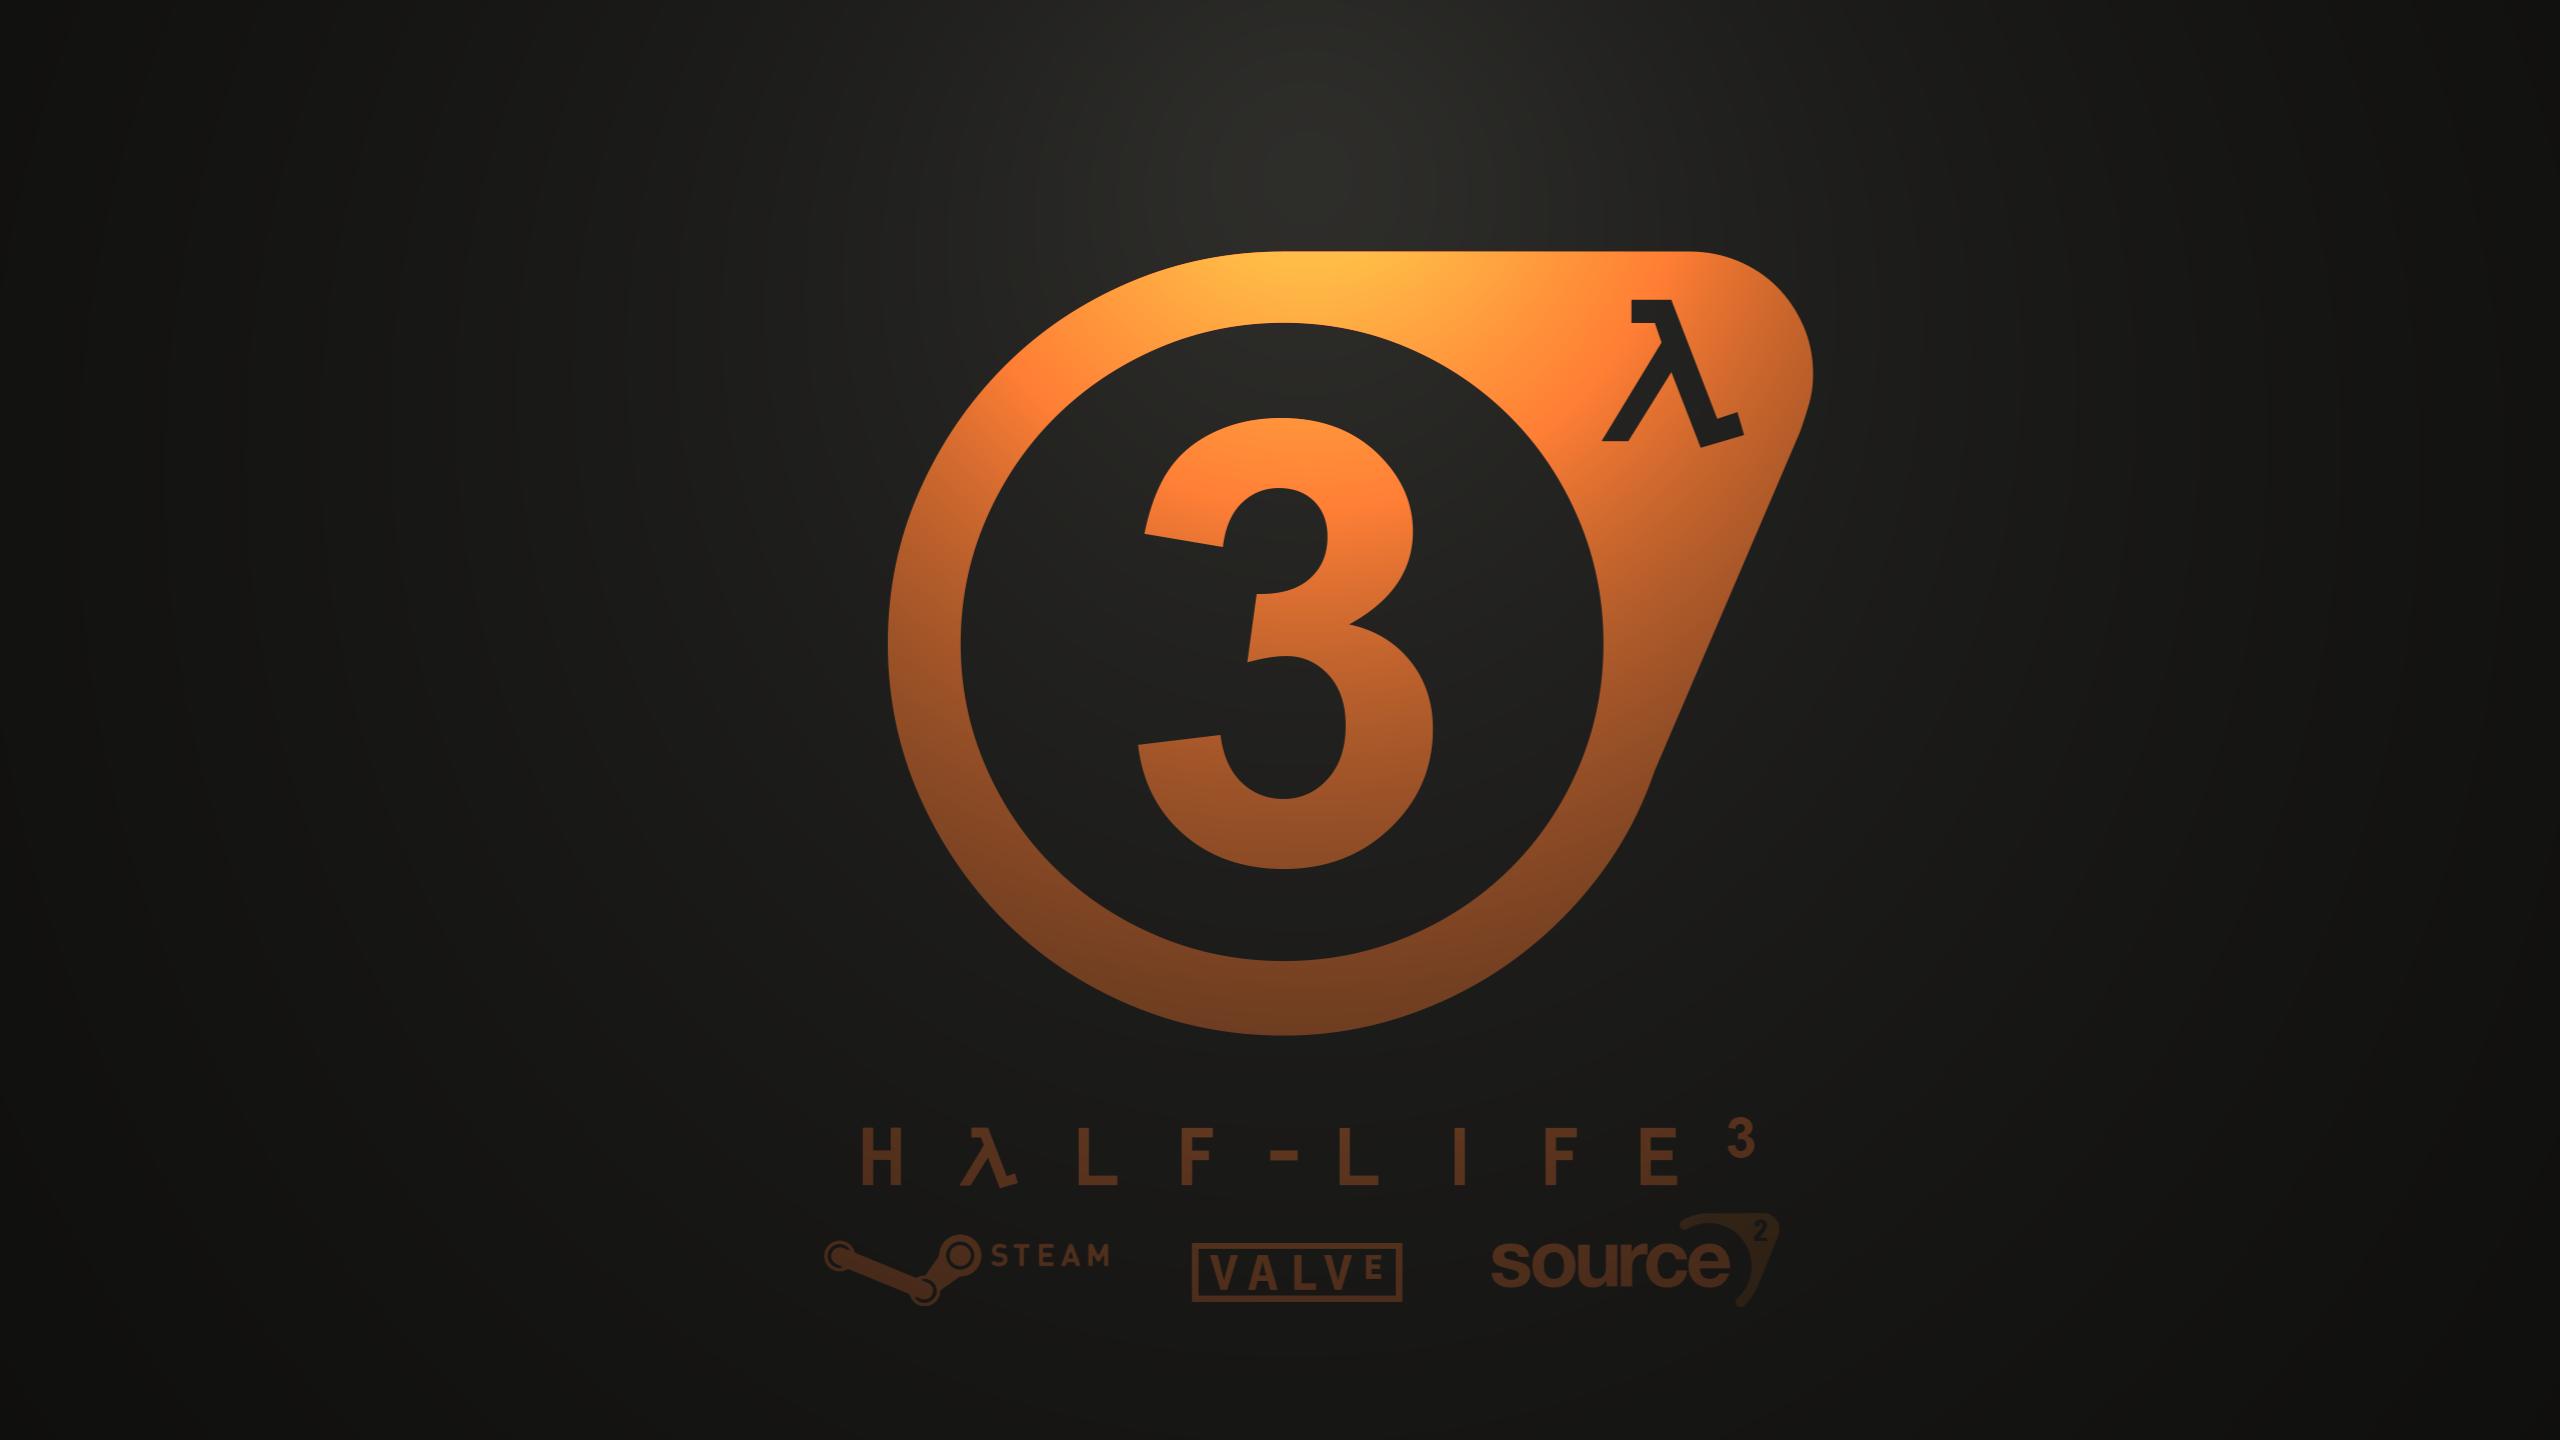 Half-Life 3 Logo Wallpaper